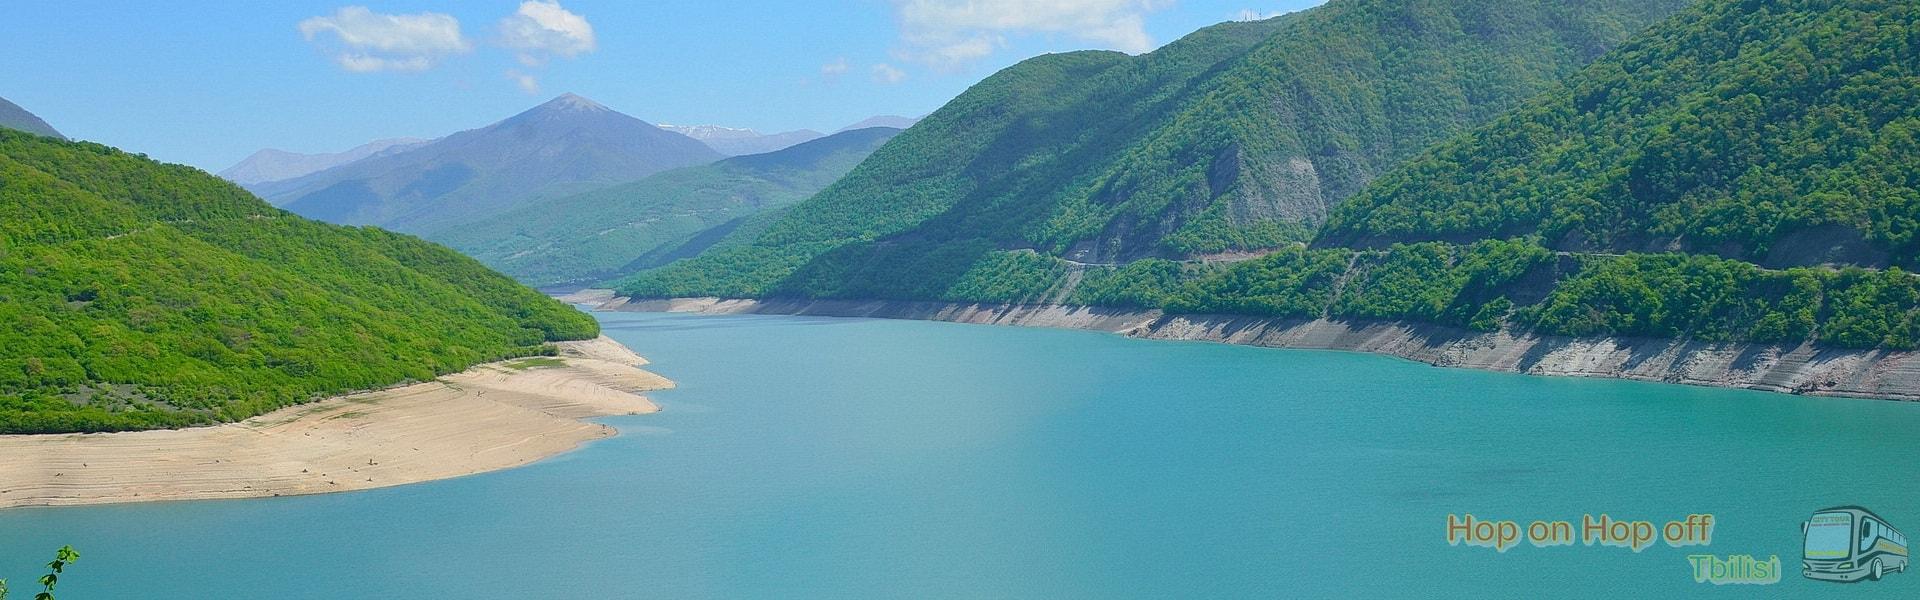 Жинвальское Водохранилище во время Экскурсии в Казбеги по Военно-Грузинской дороге Ананури - Гудаури - Казбеги с компанией Hop on Hop off Tbilisi